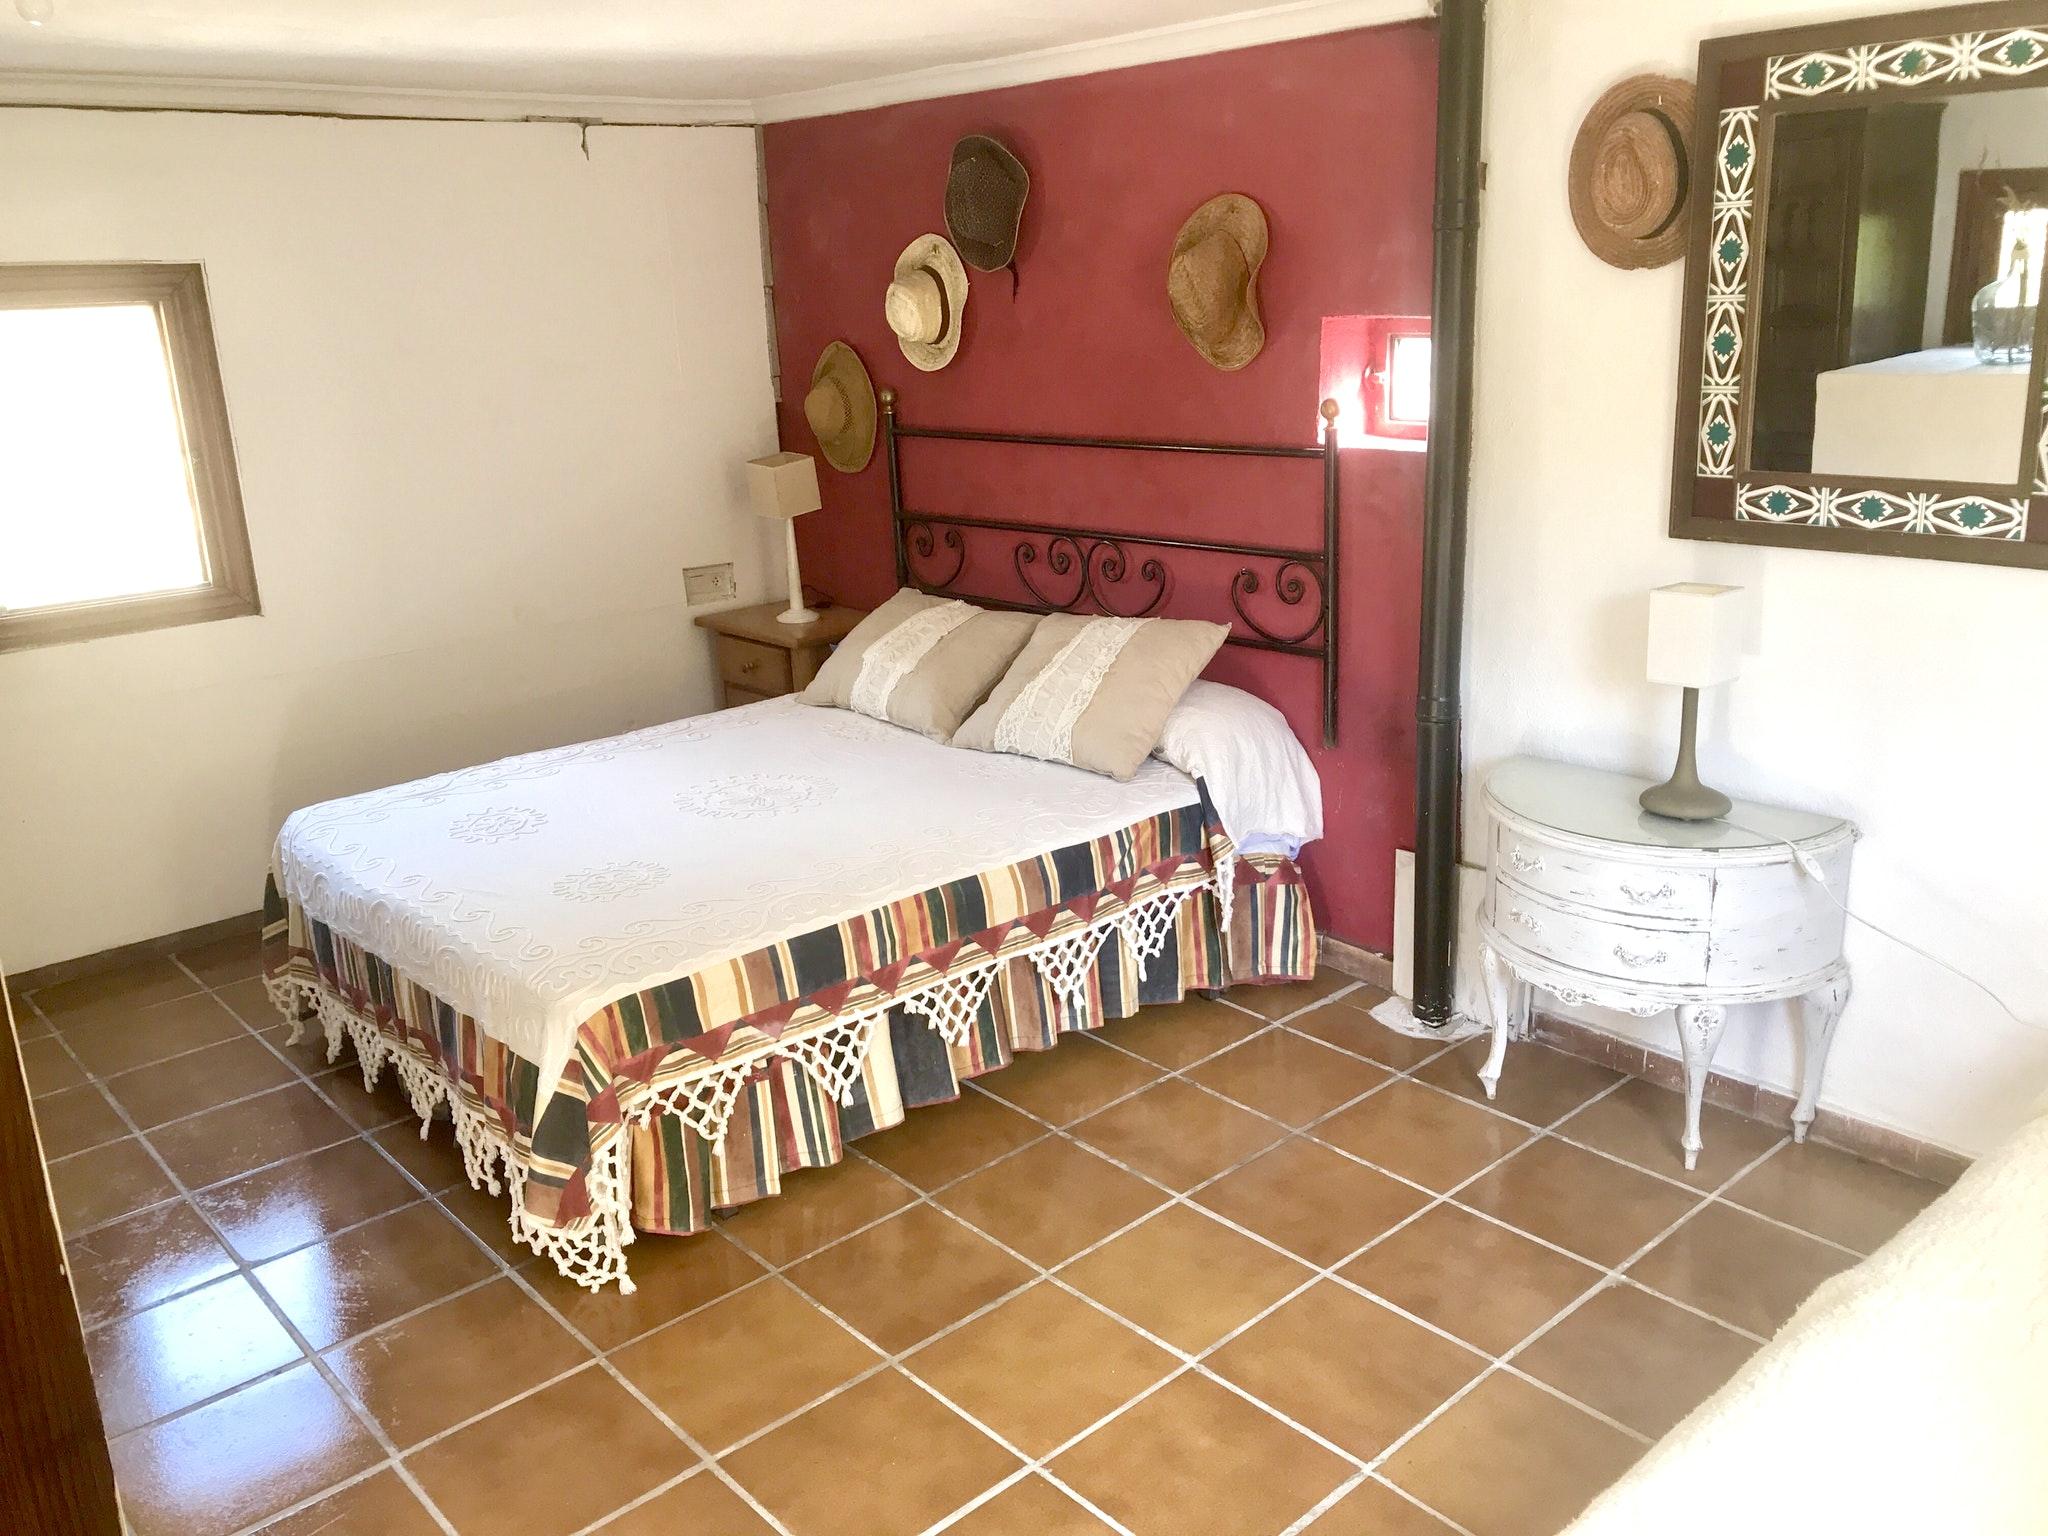 Maison de vacances Hütte mit 4 Schlafzimmern in Camarena de la Sierra mit toller Aussicht auf die Berge, priv (2474258), Camarena de la Sierra, Teruel, Aragon, Espagne, image 4